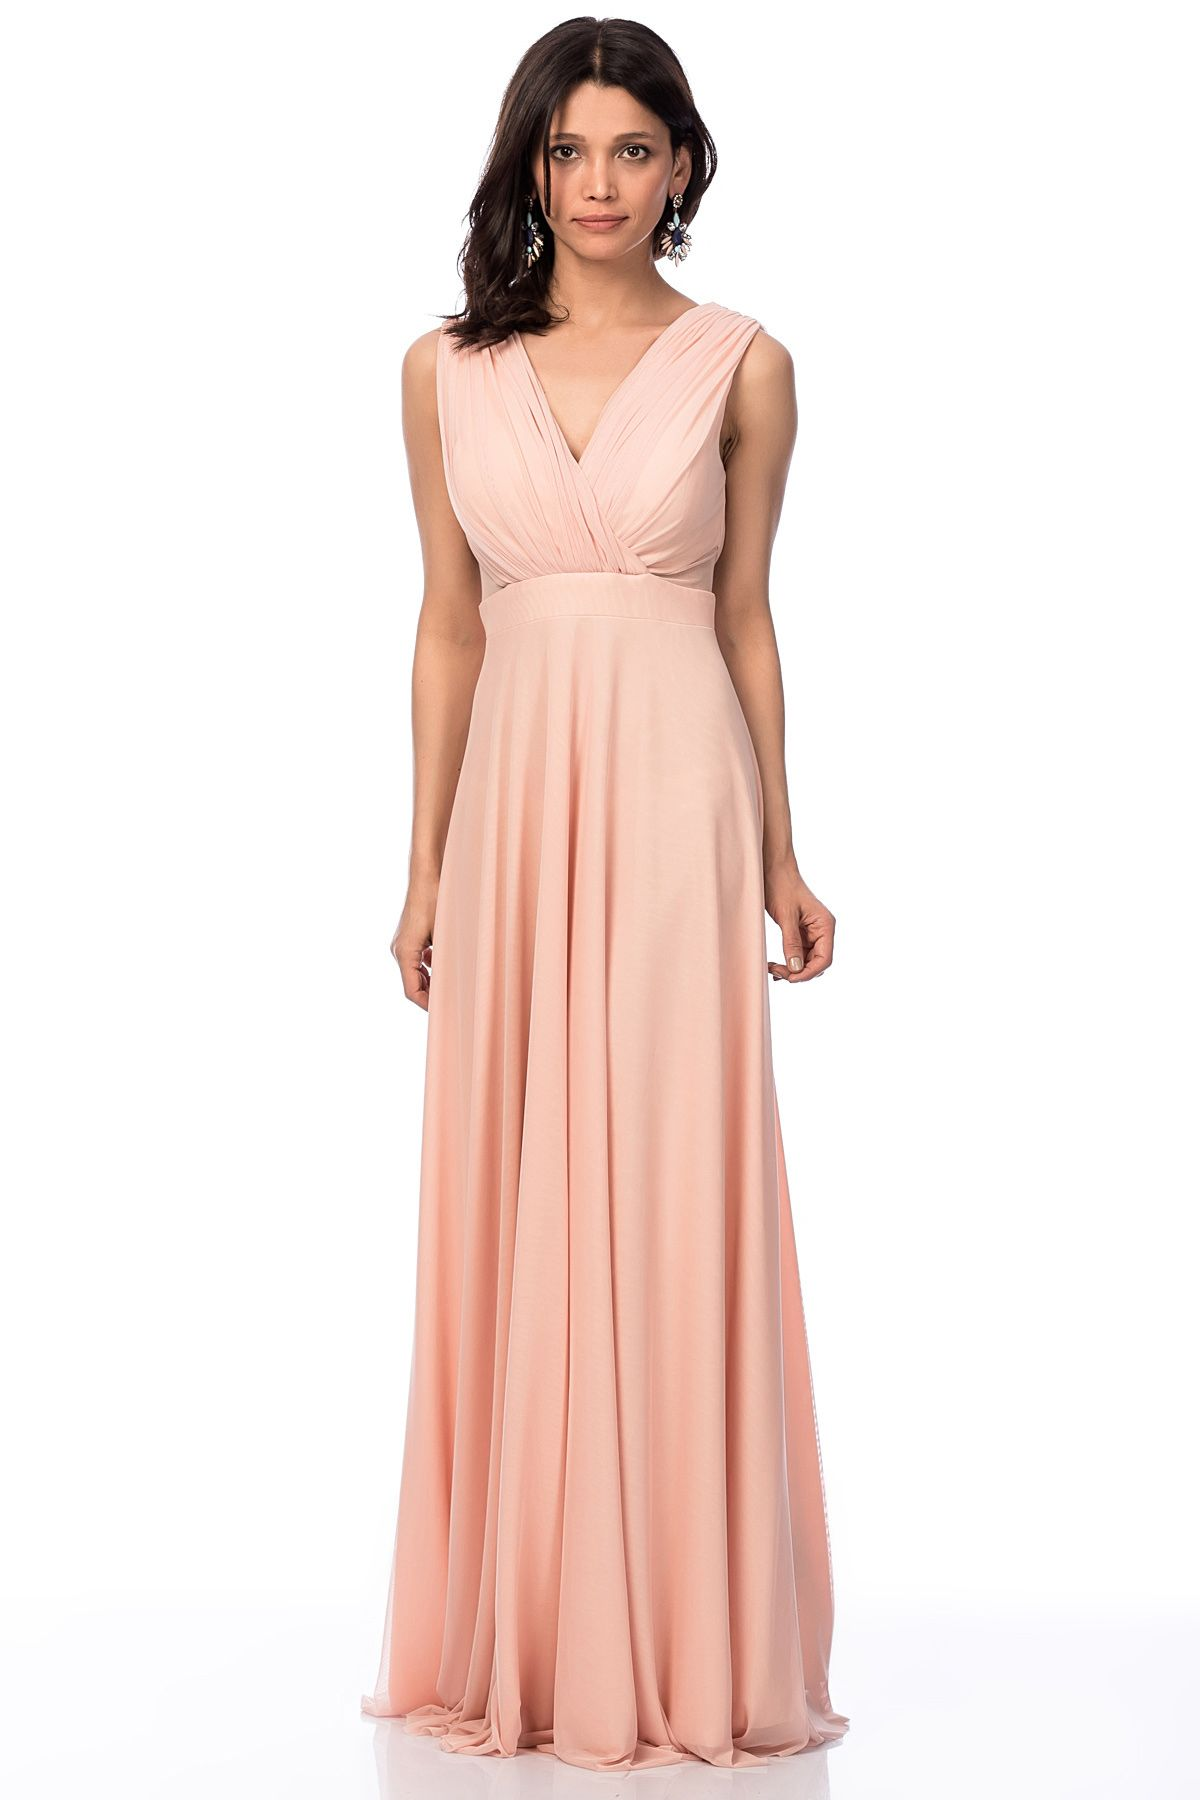 Pictures gece elbise modelleri 2013 uzun dekolteli gece elbise modeli -  Ron Apraz Askili Dekoltel Uzun Somon Ab Ye Elb Se Kuma Bilgisi 95 Polyester